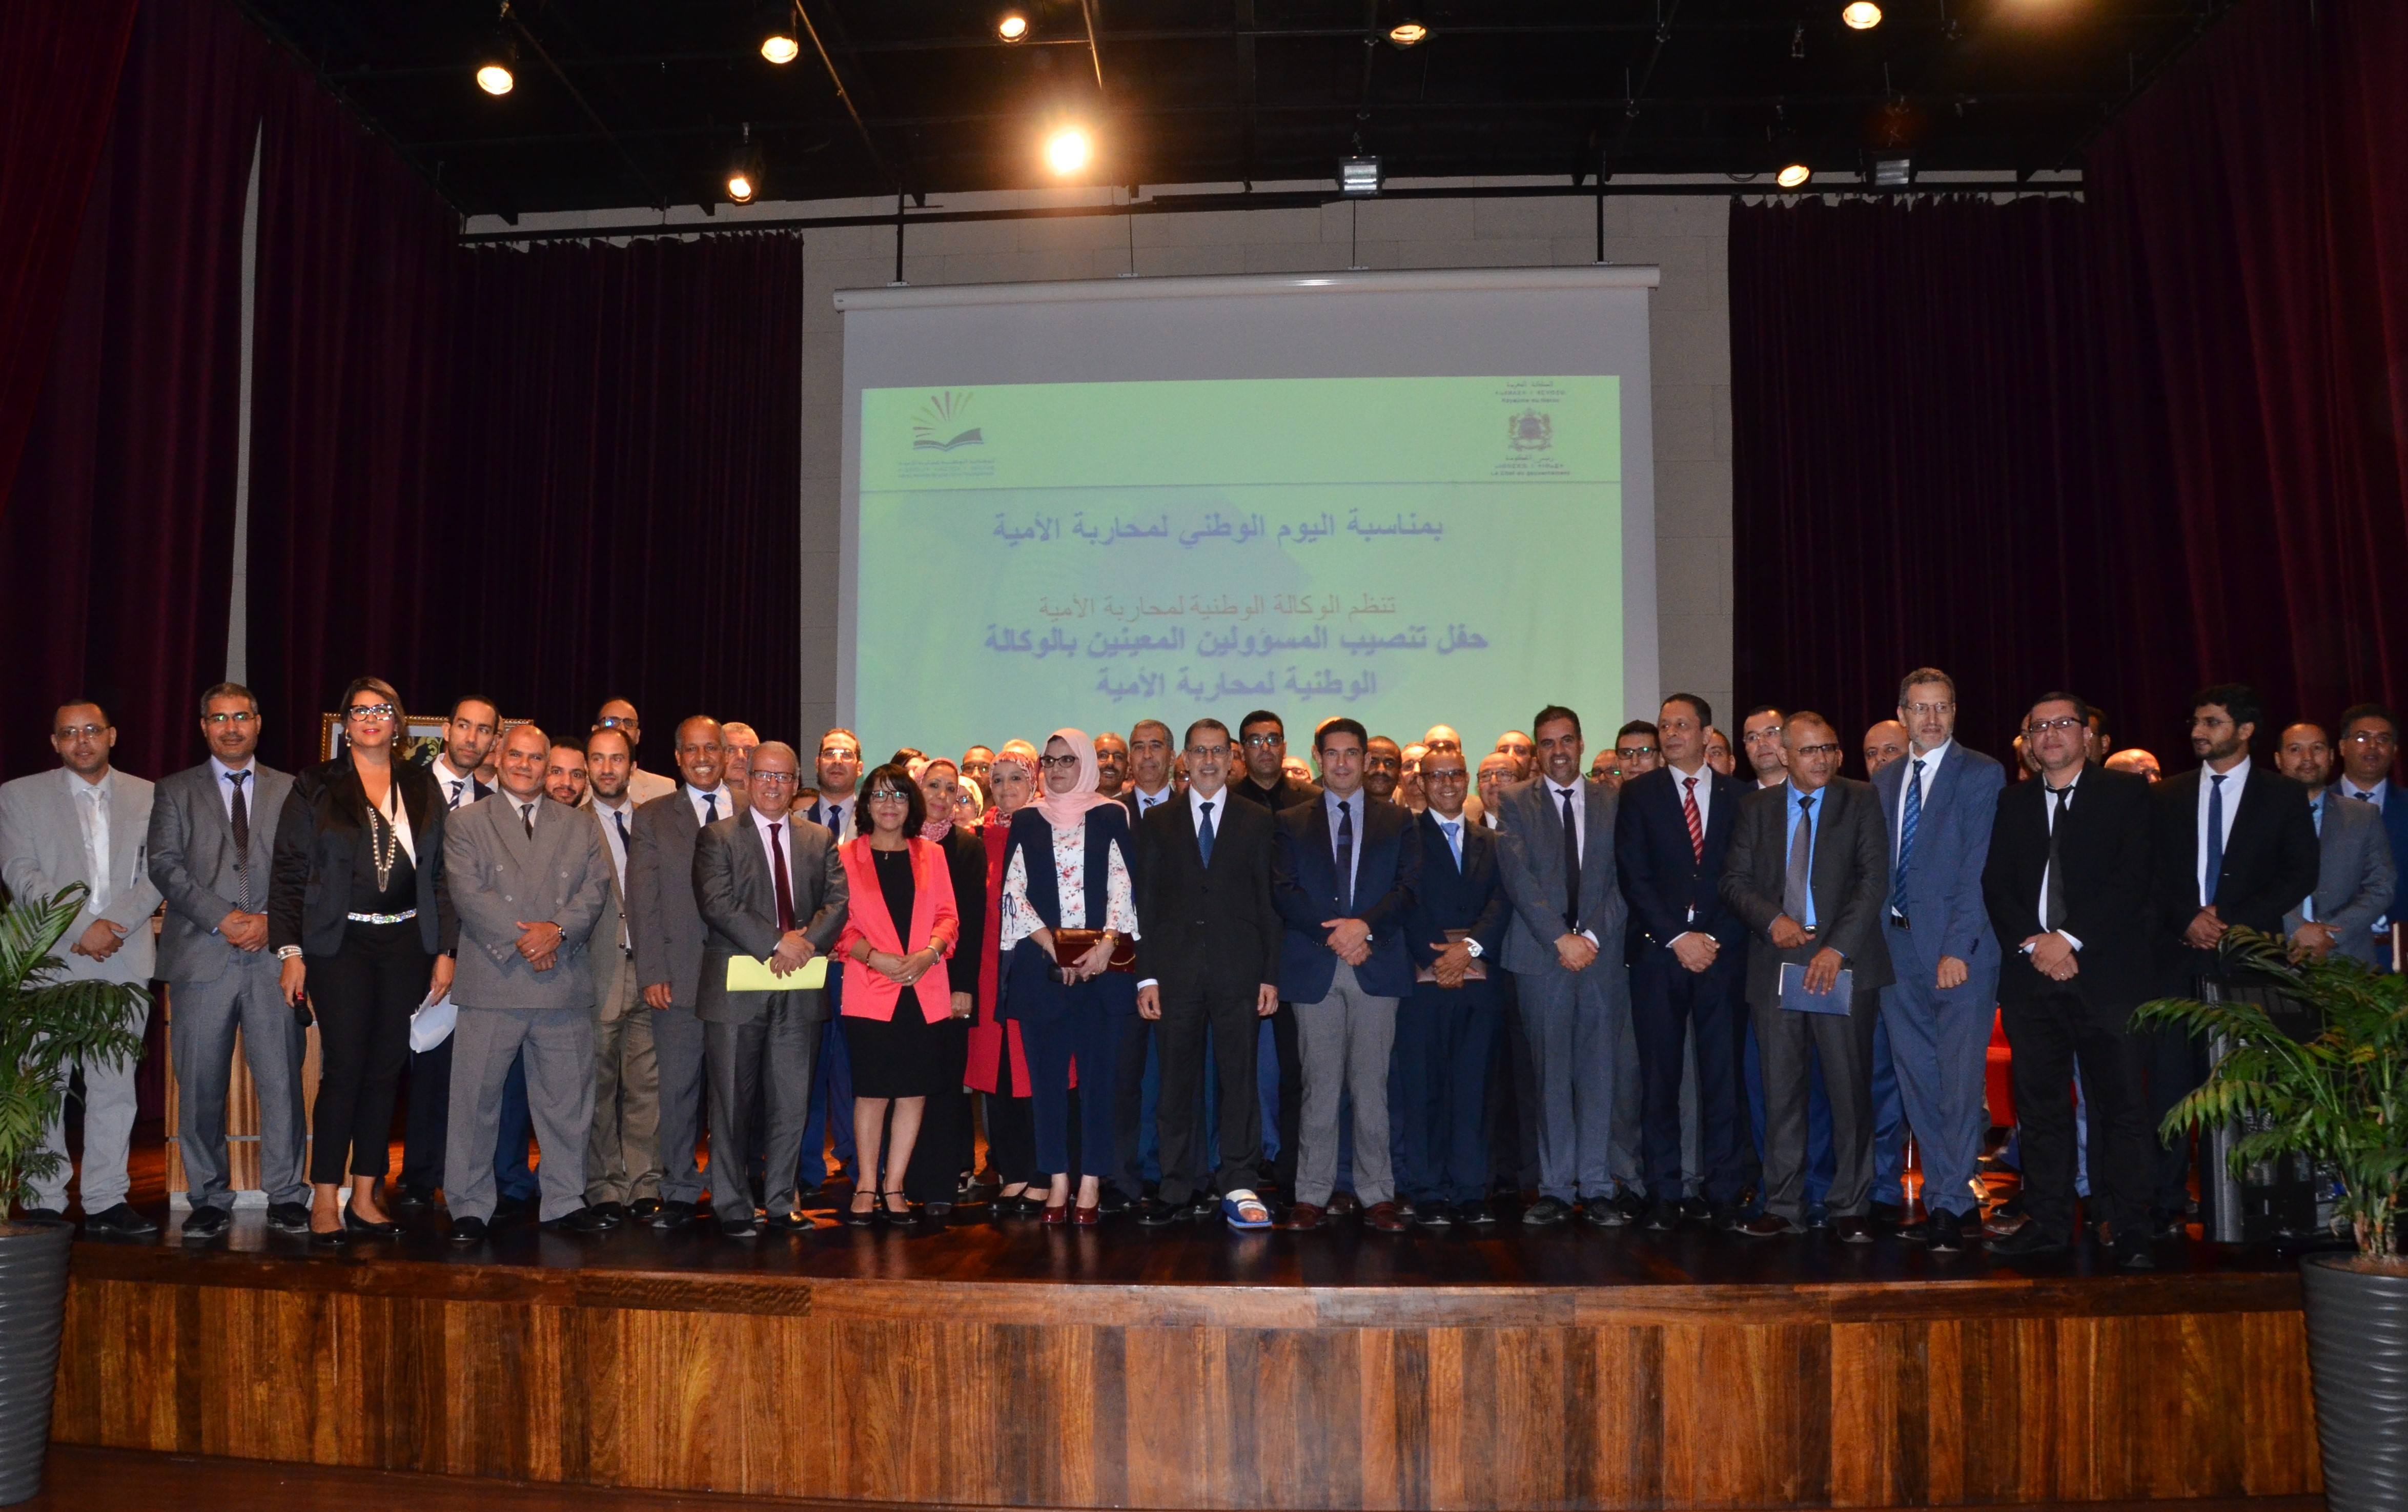 Le Chef Du Gouvernement Nous Pouvons Vaincre L Analphabetisme A Condition De Conjuguer Nos Efforts Et D Opter Pour Les Partenariats Chef Du Gouvernement Royaume Du Maroc